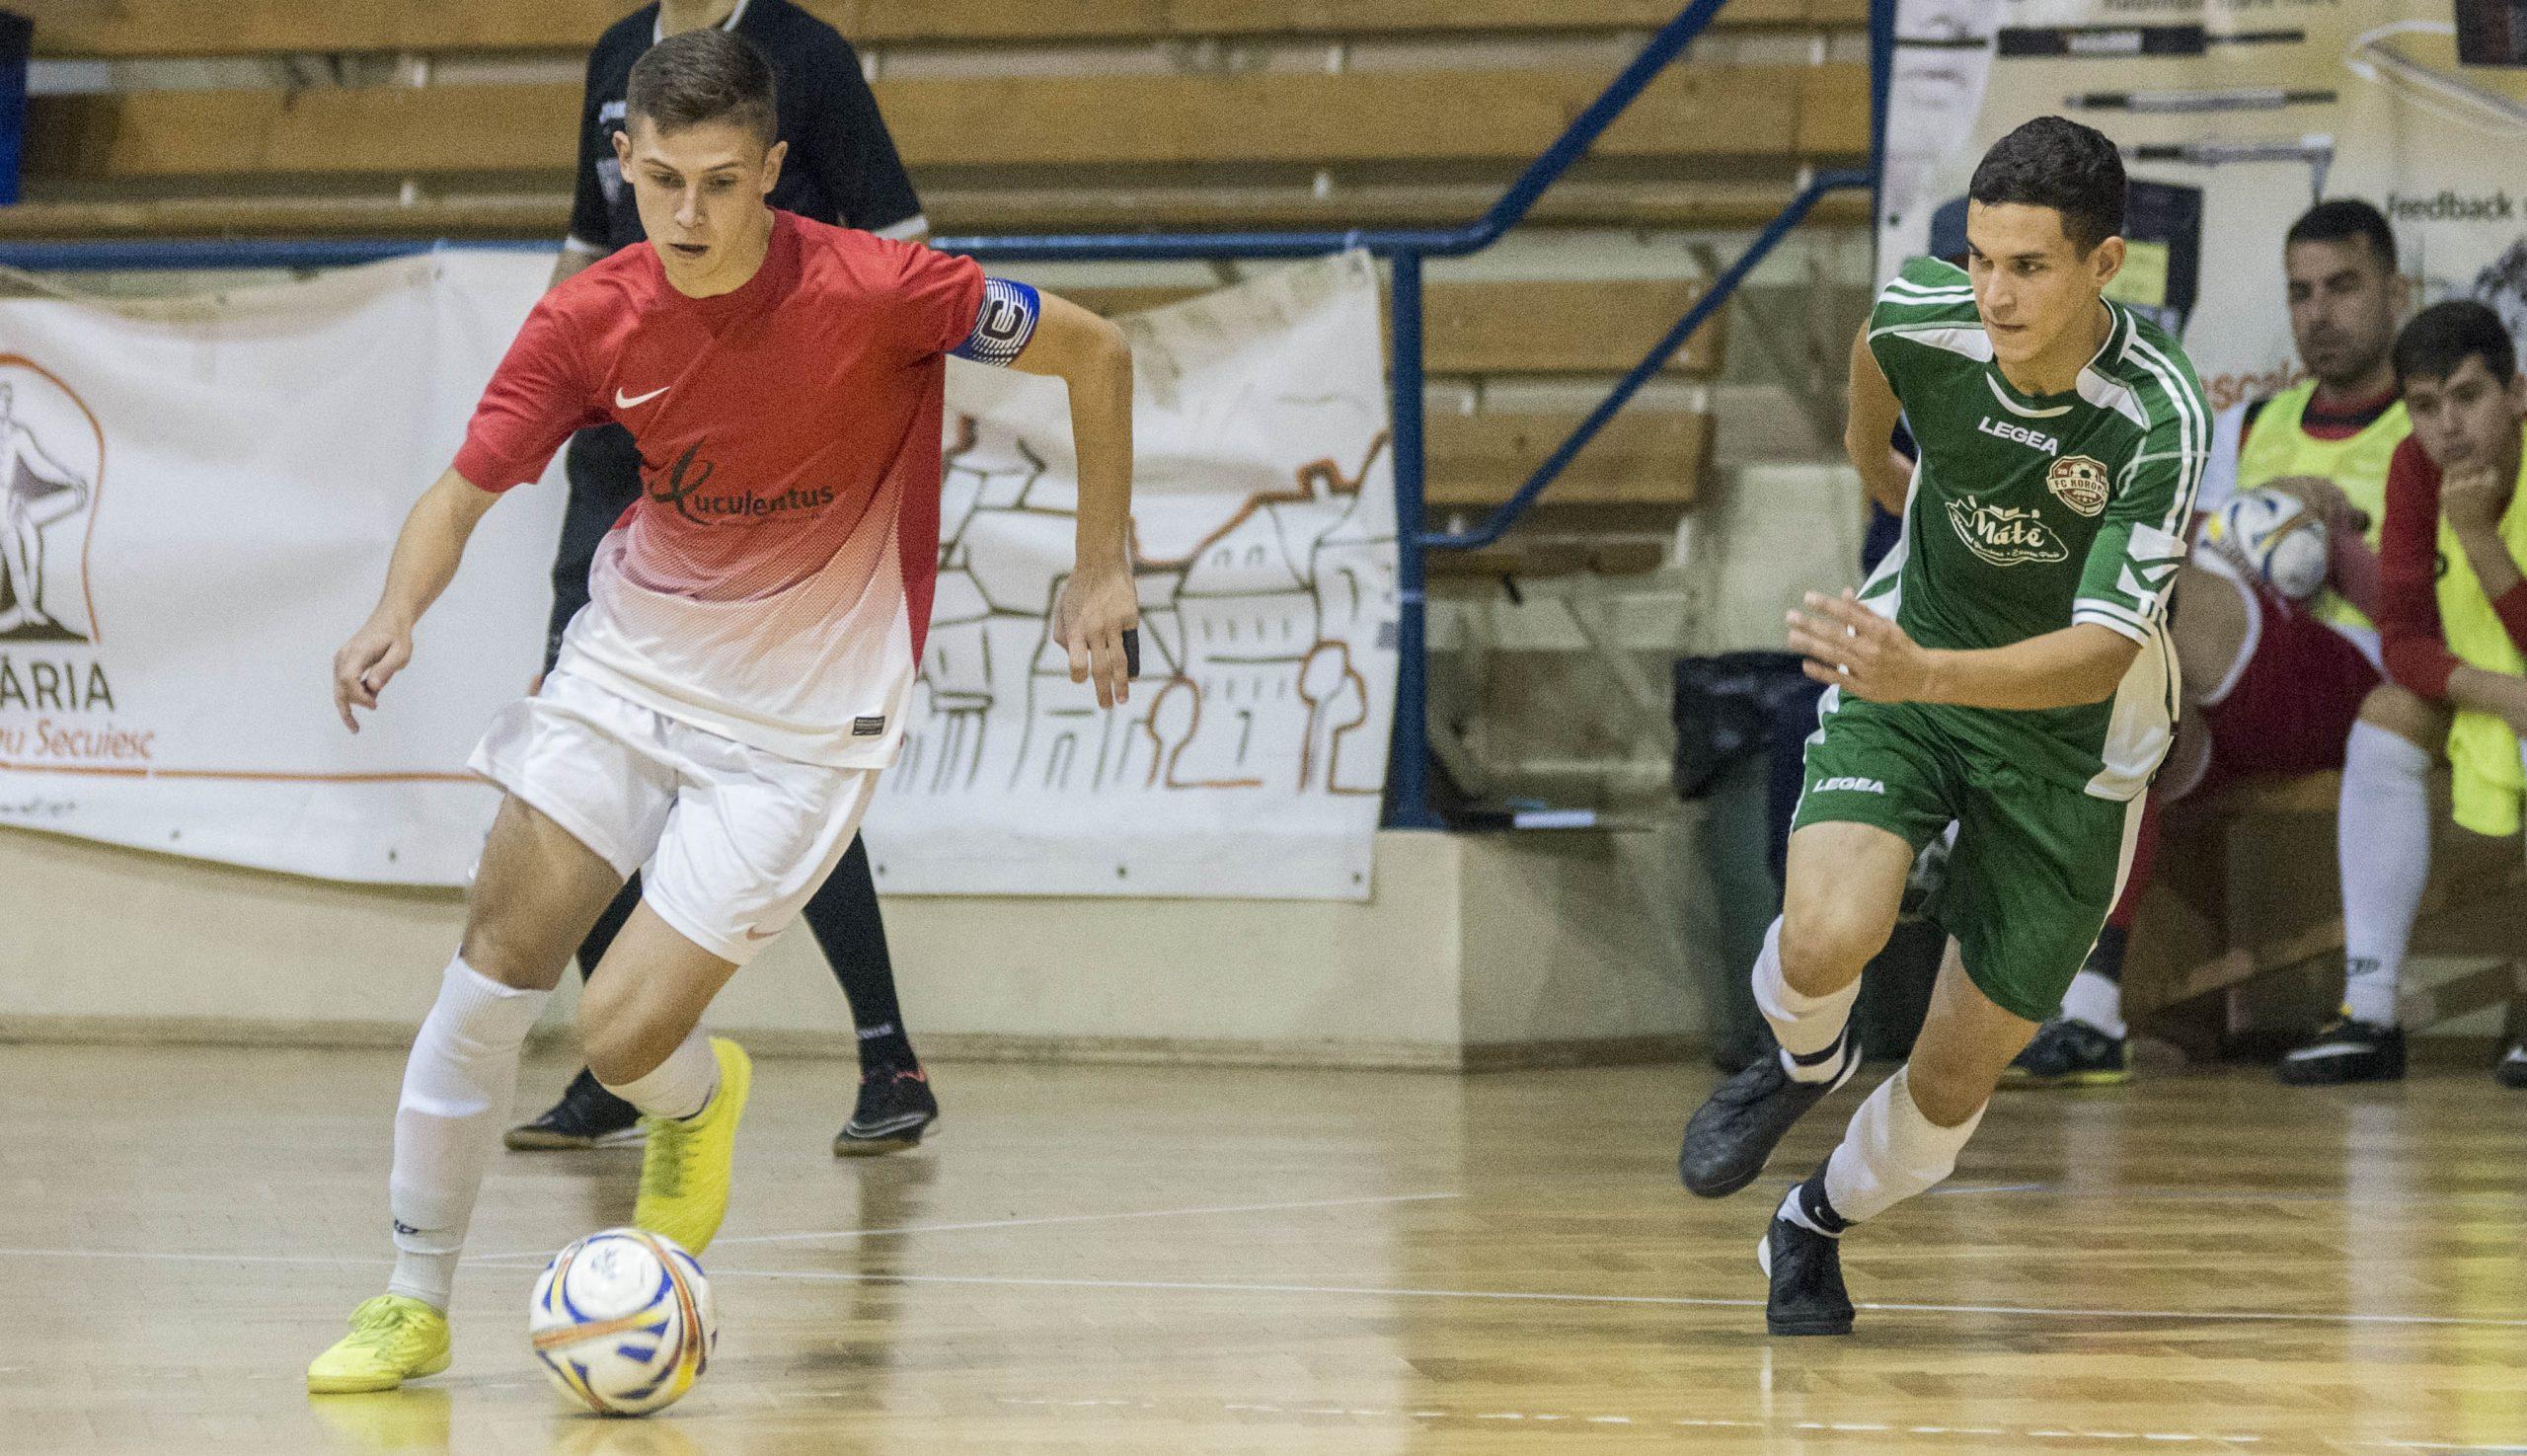 Két meccset játszik a KSE Futsal